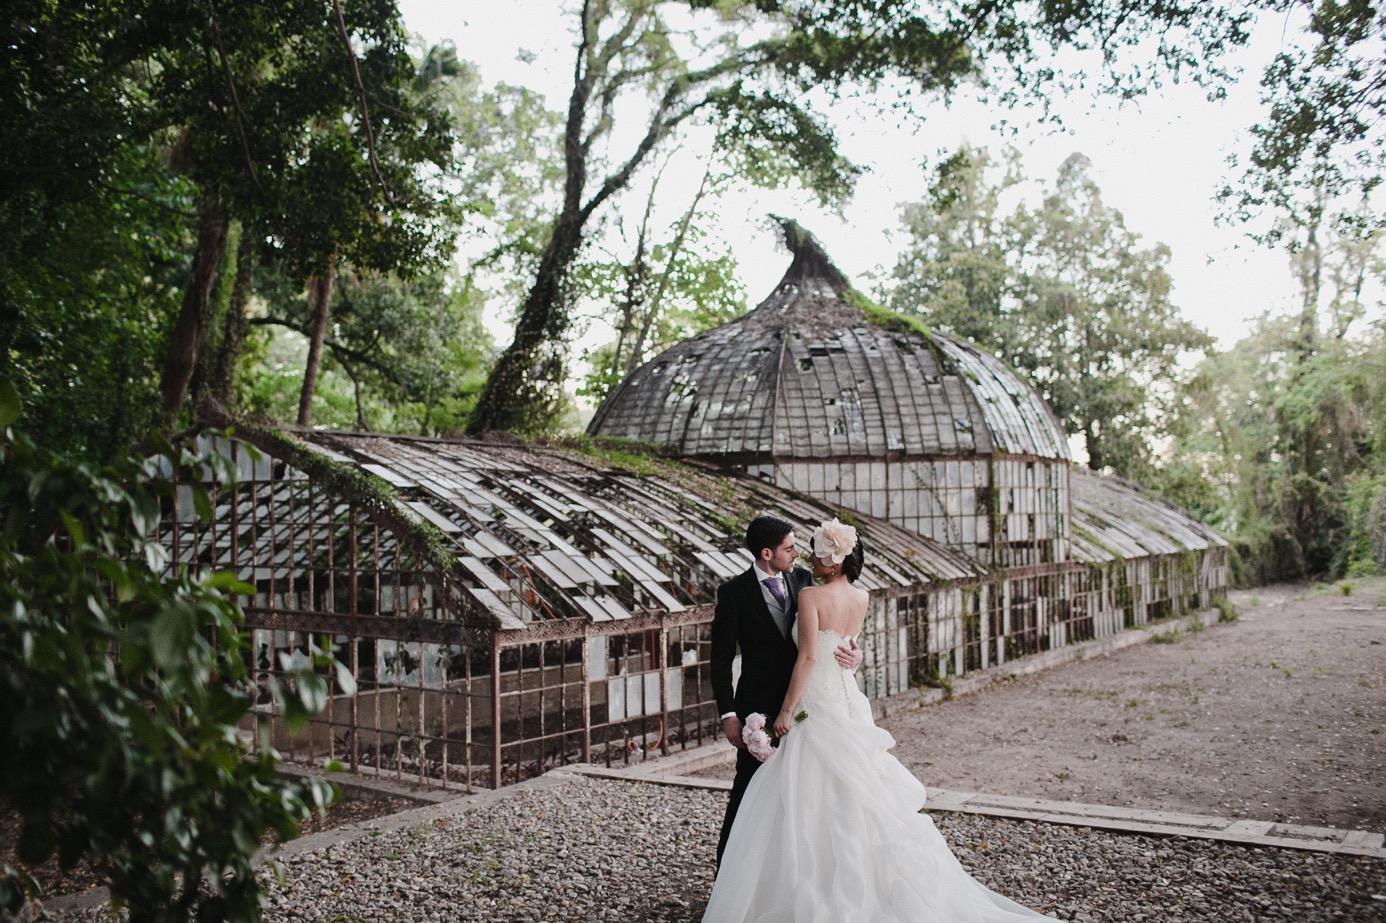 Si-Quiero-Wedding-Planner-By-Sira-Antequera-Bodas-Málaga-Marbella-Miami- Paola-Carlos-2